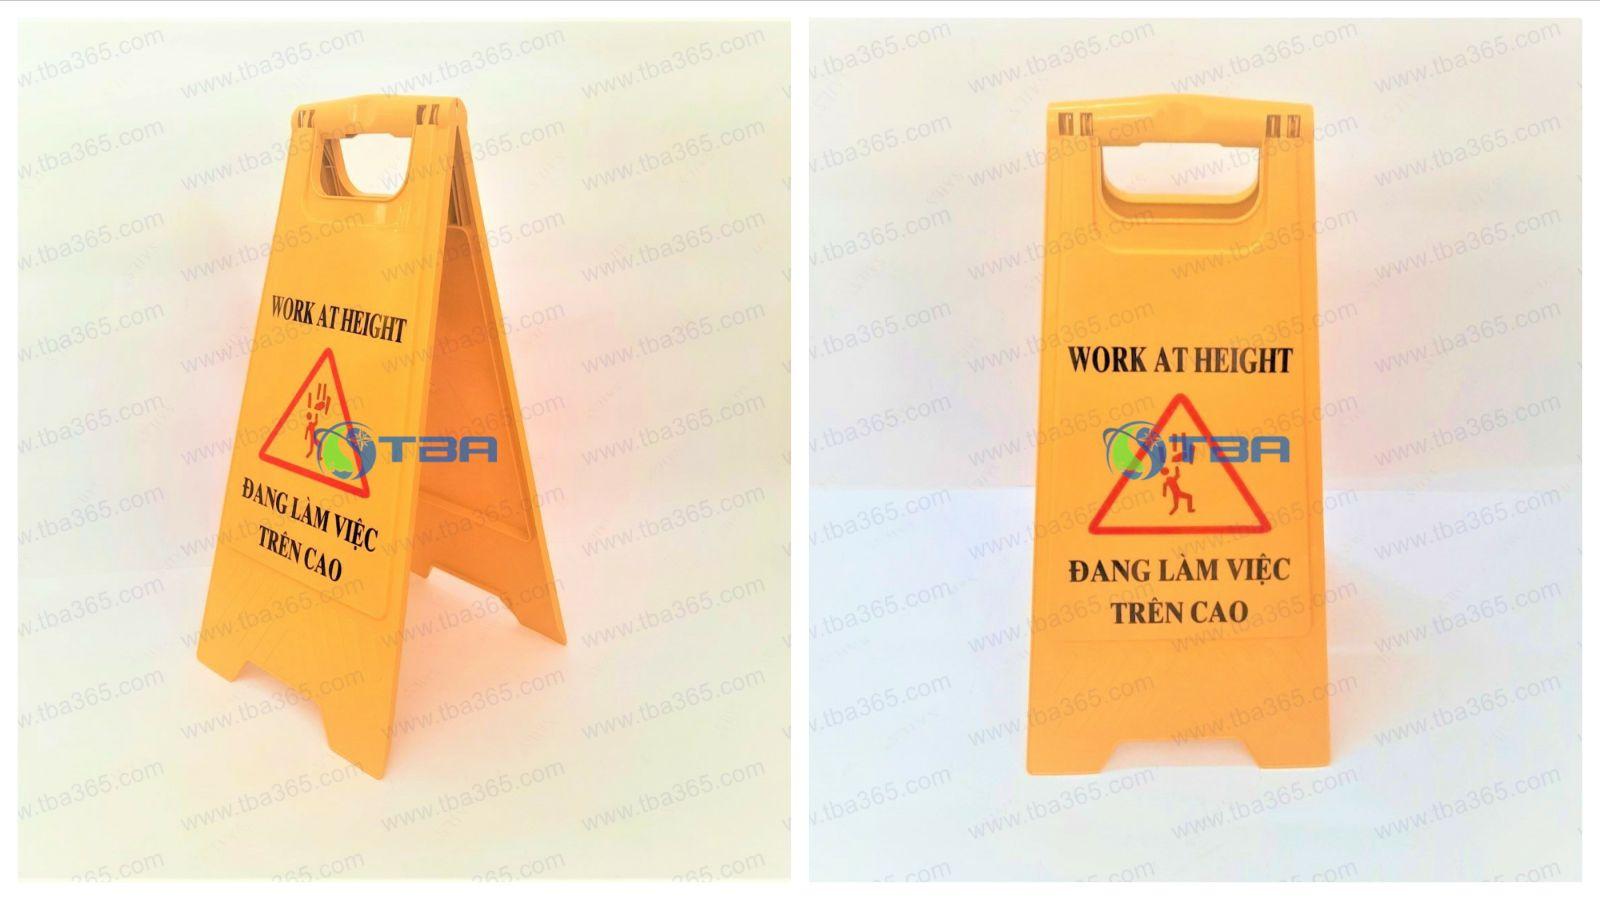 Bảng nhựa cảnh báo chữ A Làm việc trên cao